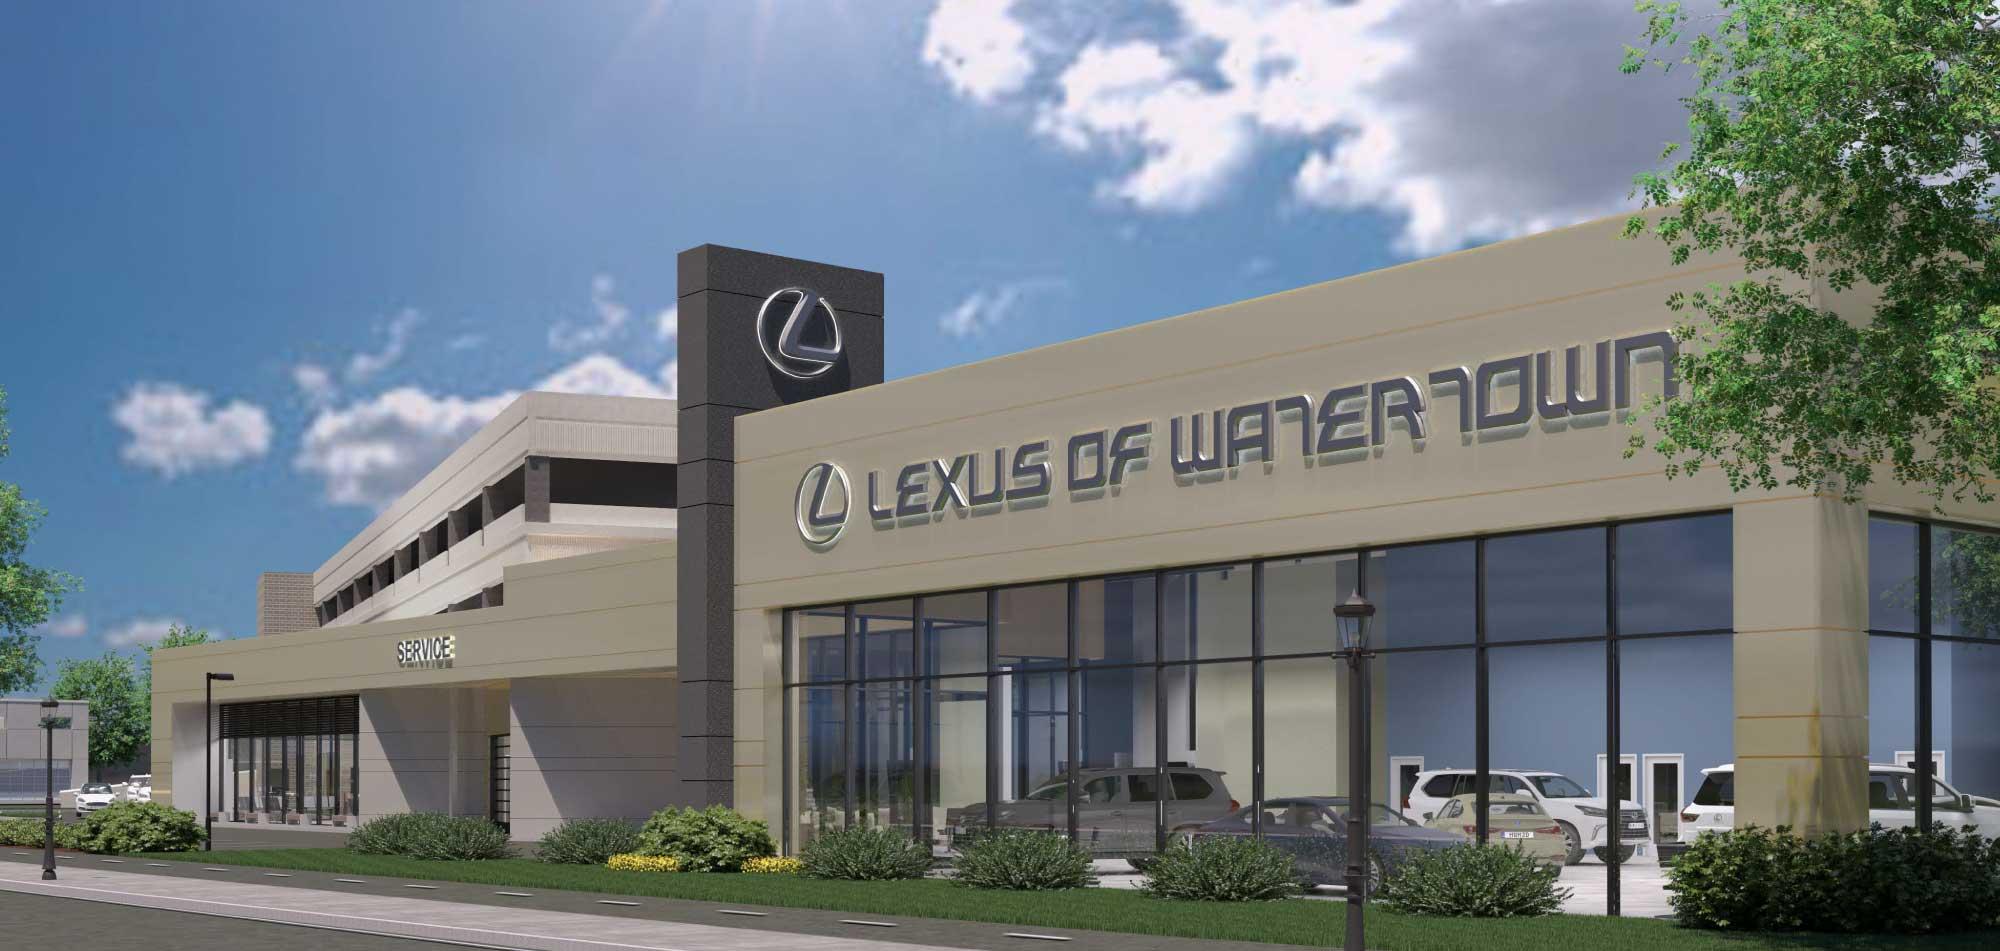 Lexus-of-Watertown_Branded-Facade-Improvements